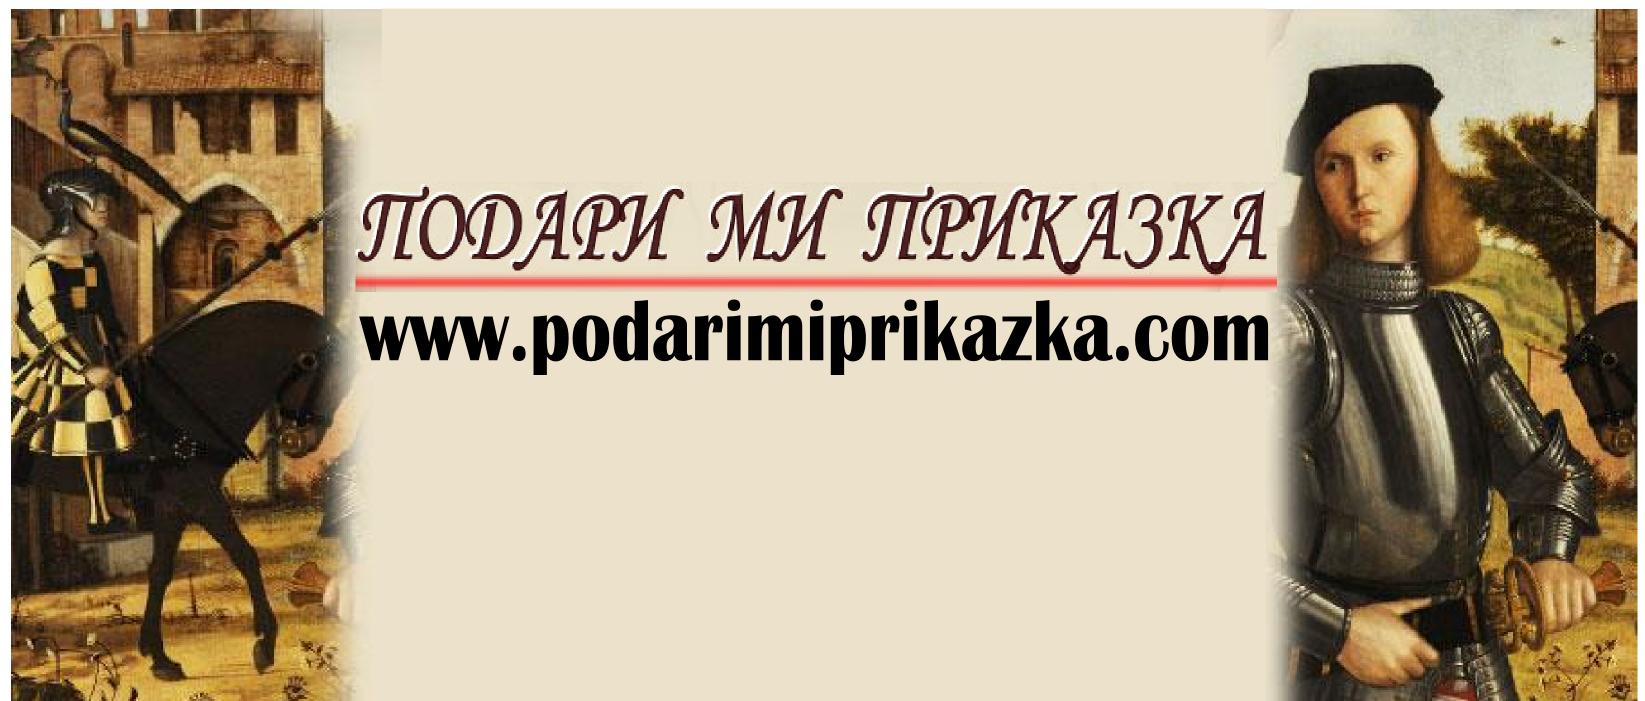 rect_pmp_logo (1)